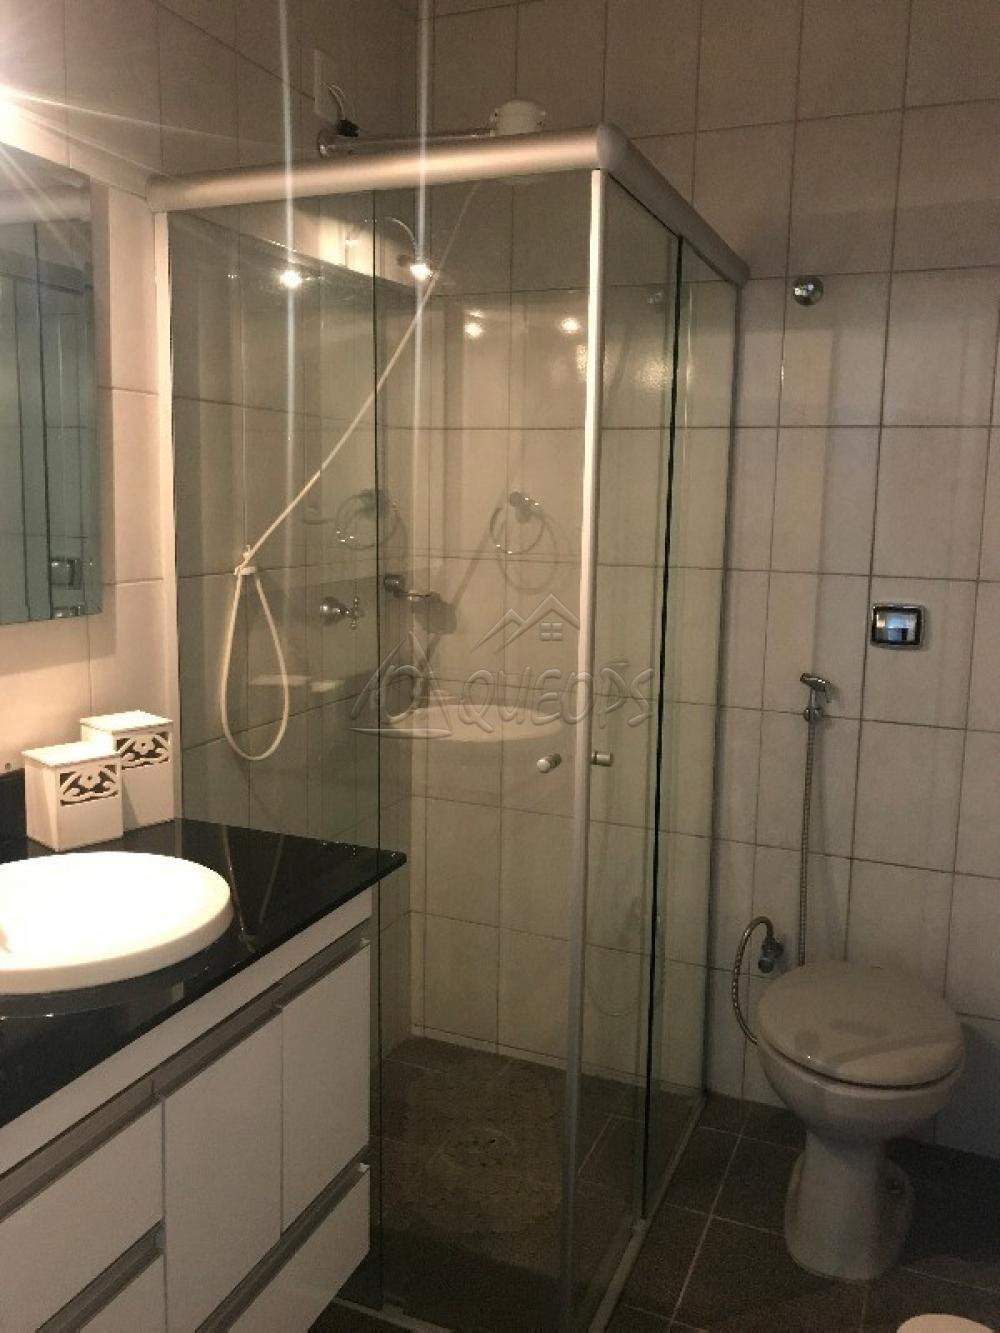 Comprar Casa / Padrão em Barretos R$ 530.000,00 - Foto 22